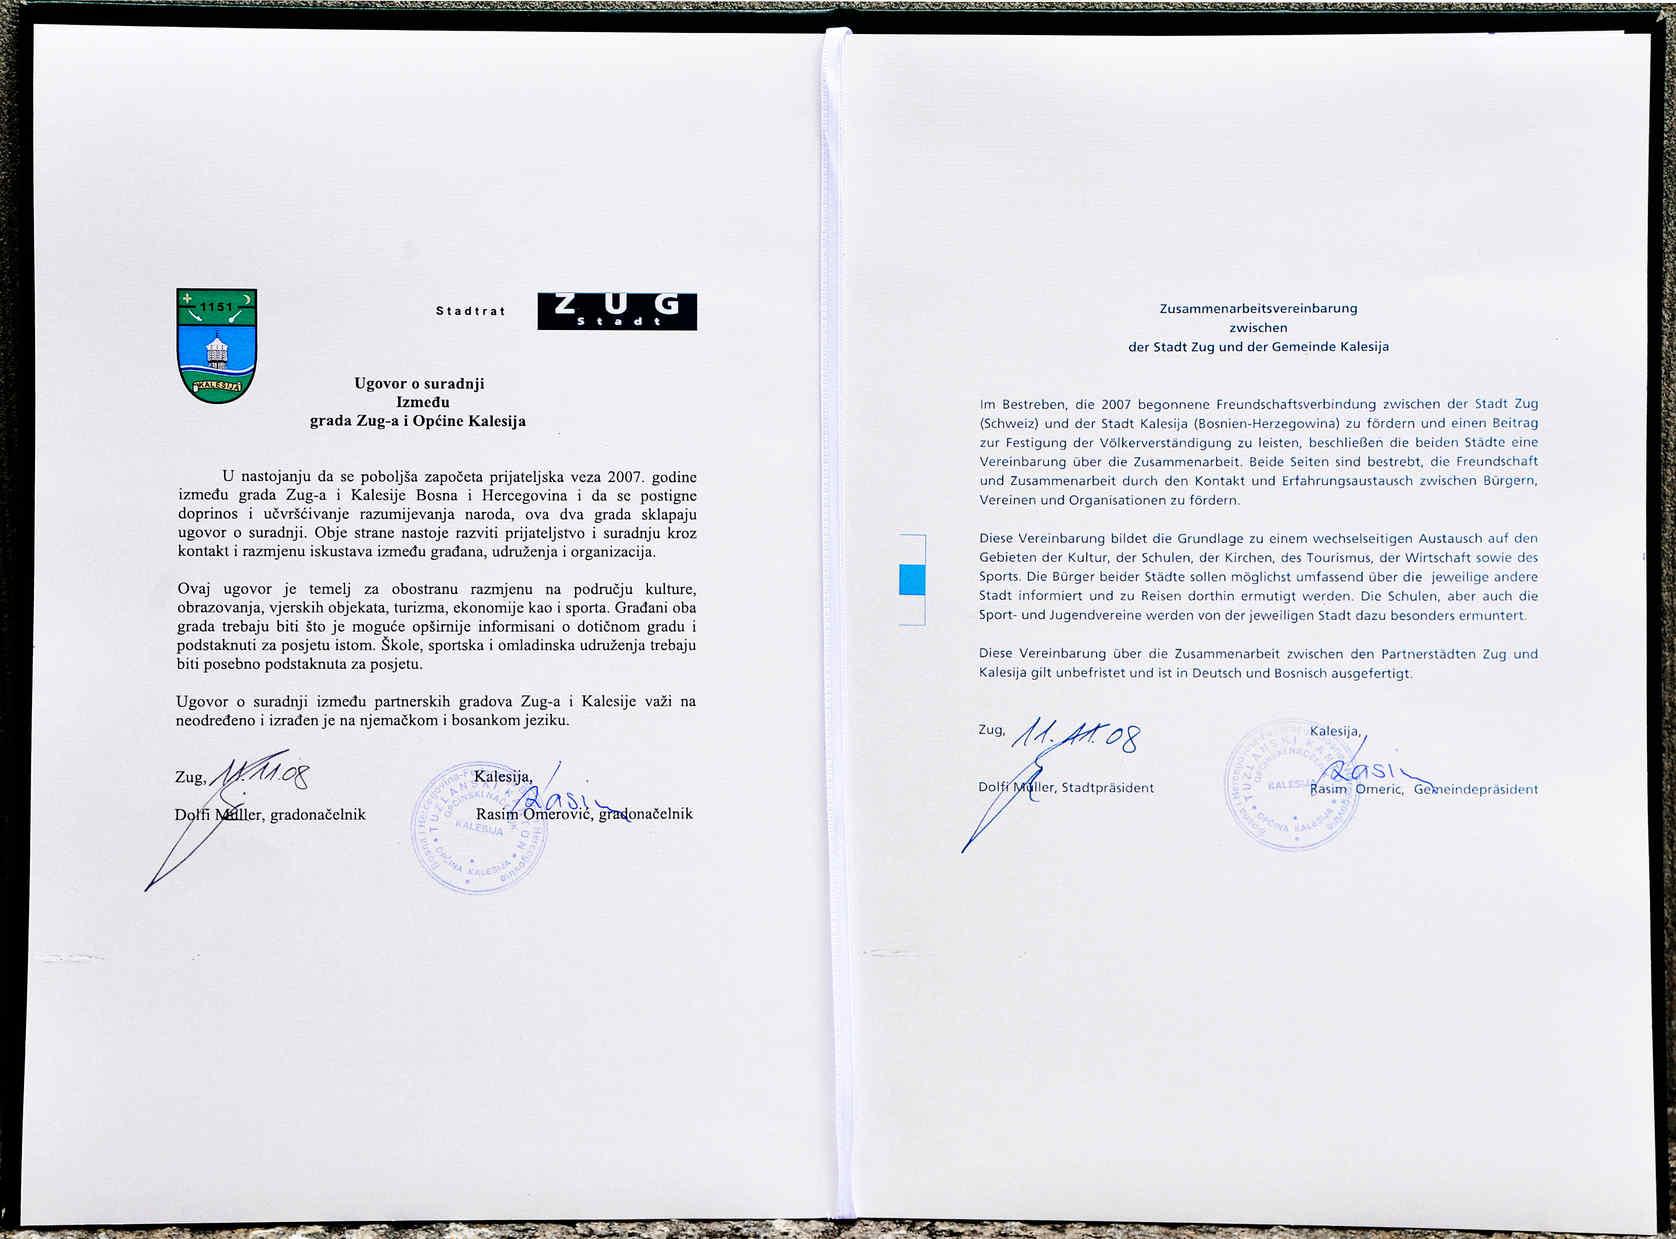 Zusammenarbeitsvereinbarung